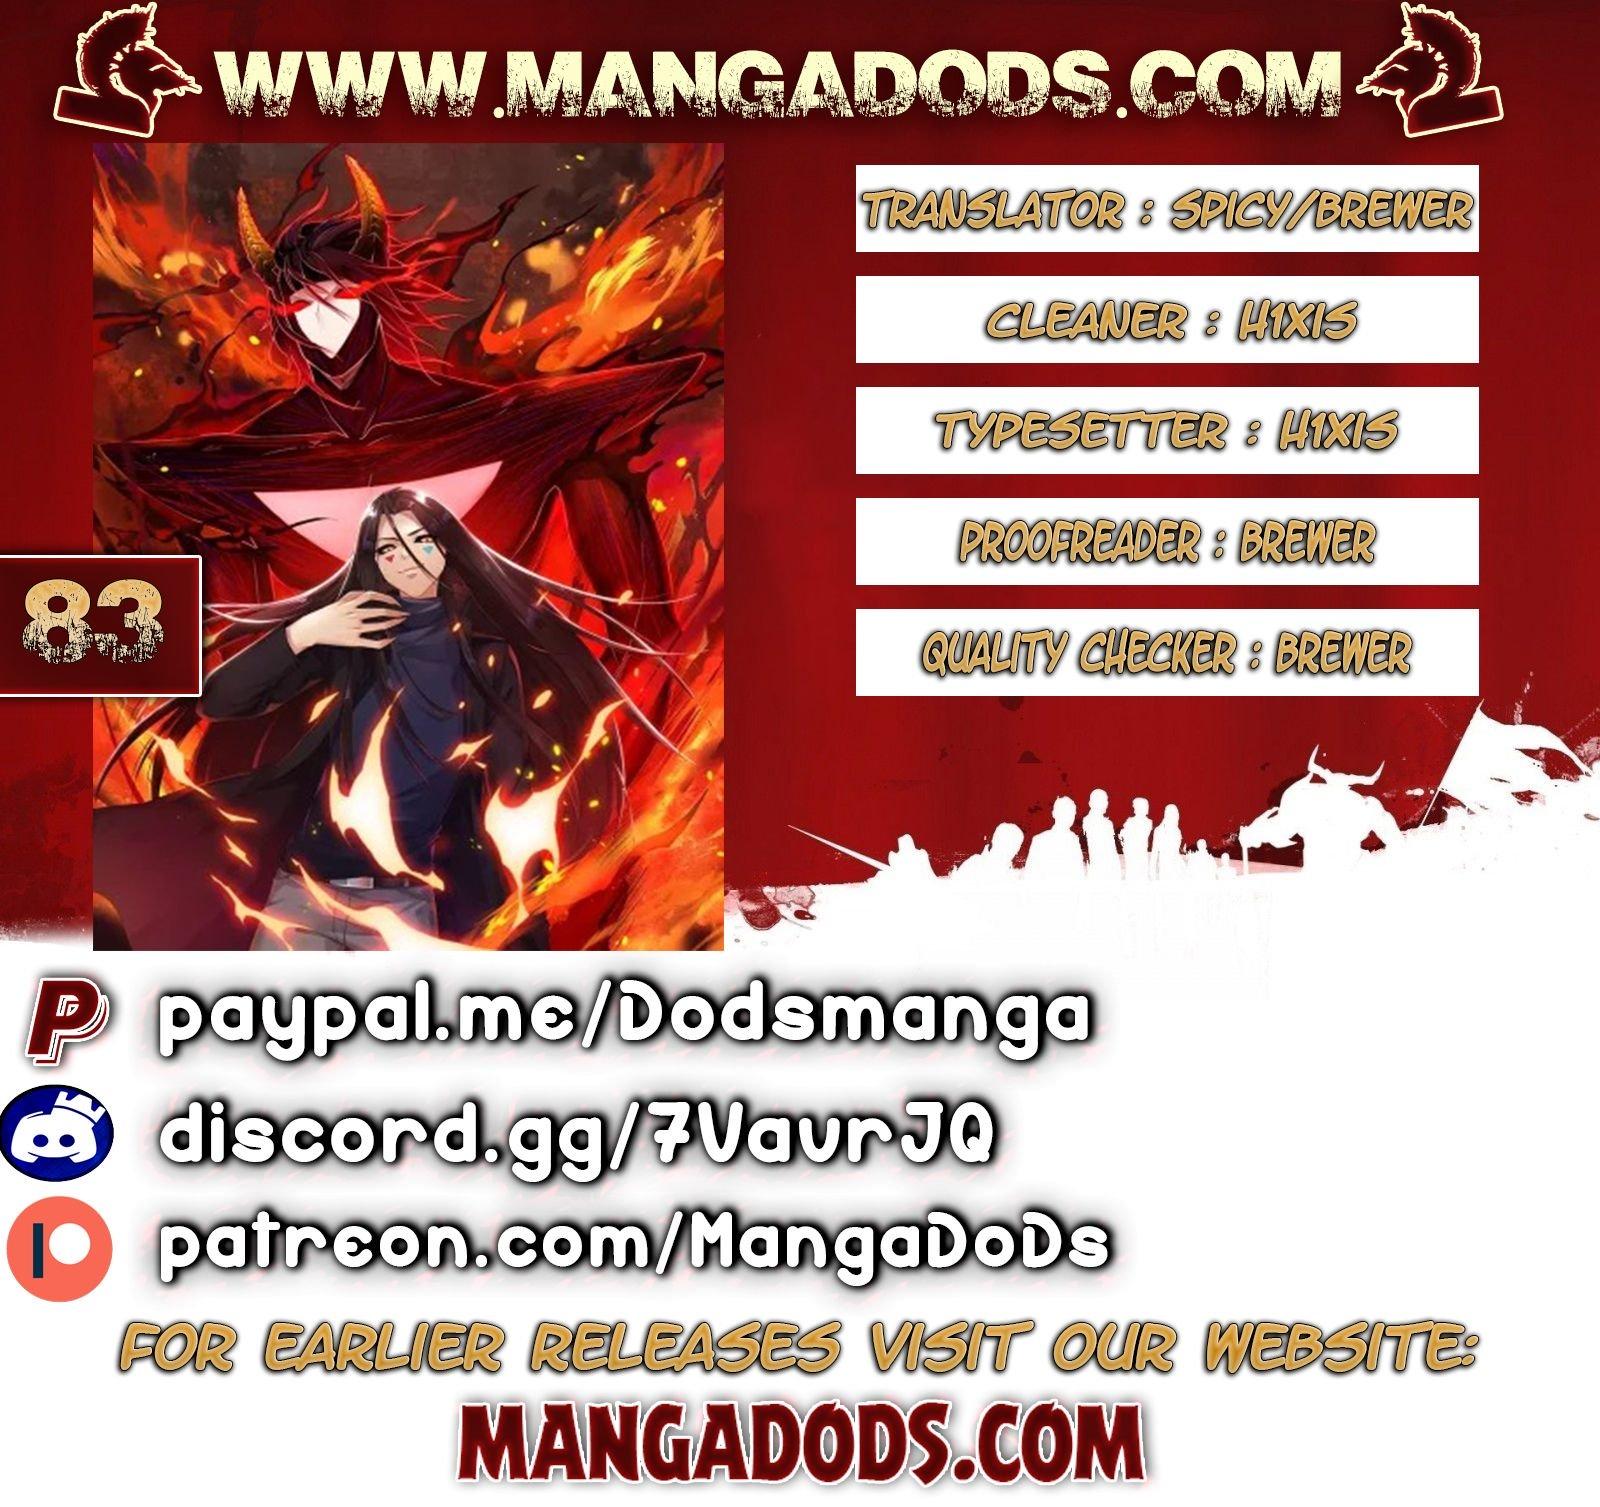 https://img2.nineanime.com/comics/pic4/29/34781/2198501/5f00d4ad44b1e476da6d9a13aaf73f20.jpg Page 1